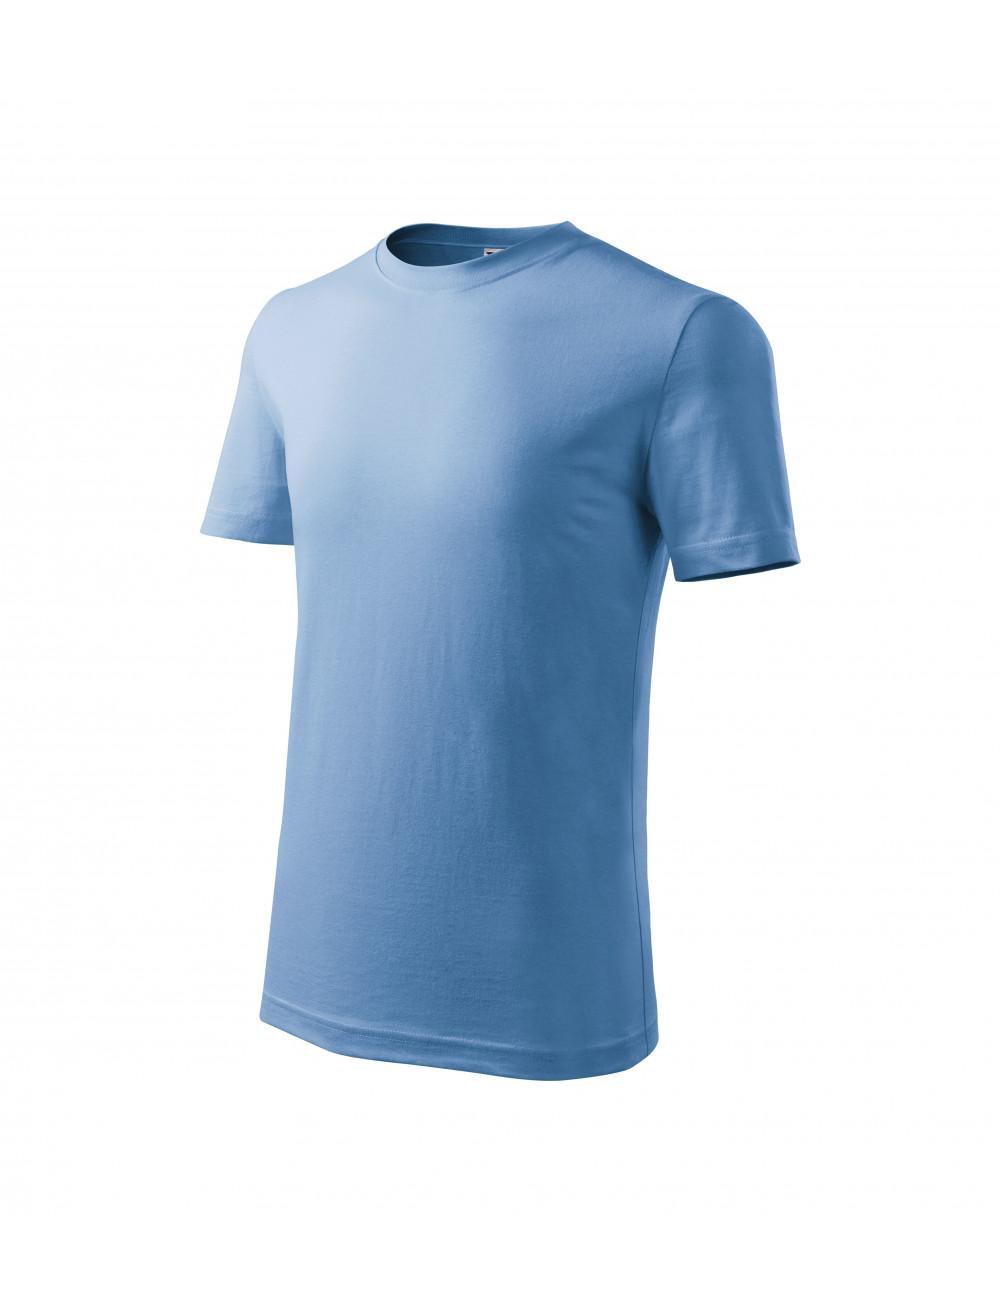 Adler MALFINI Koszulka dziecięca Classic New 135 błękitny